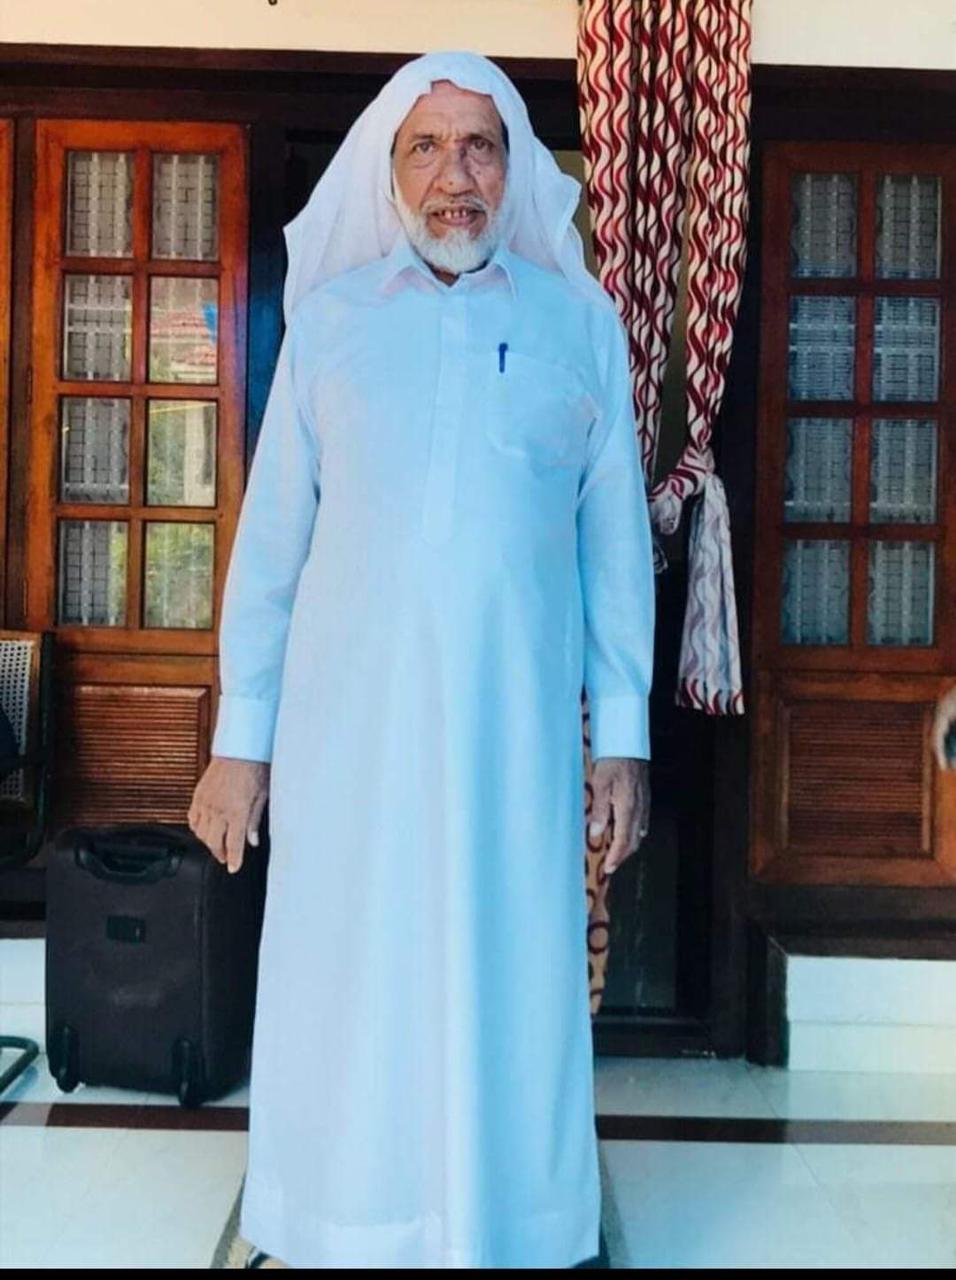 നാദാപ്പുരം ഖാസി മേനക്കോത്ത് അഹമ്മദ് മുസ്ല്യാര് അന്തരിച്ചു